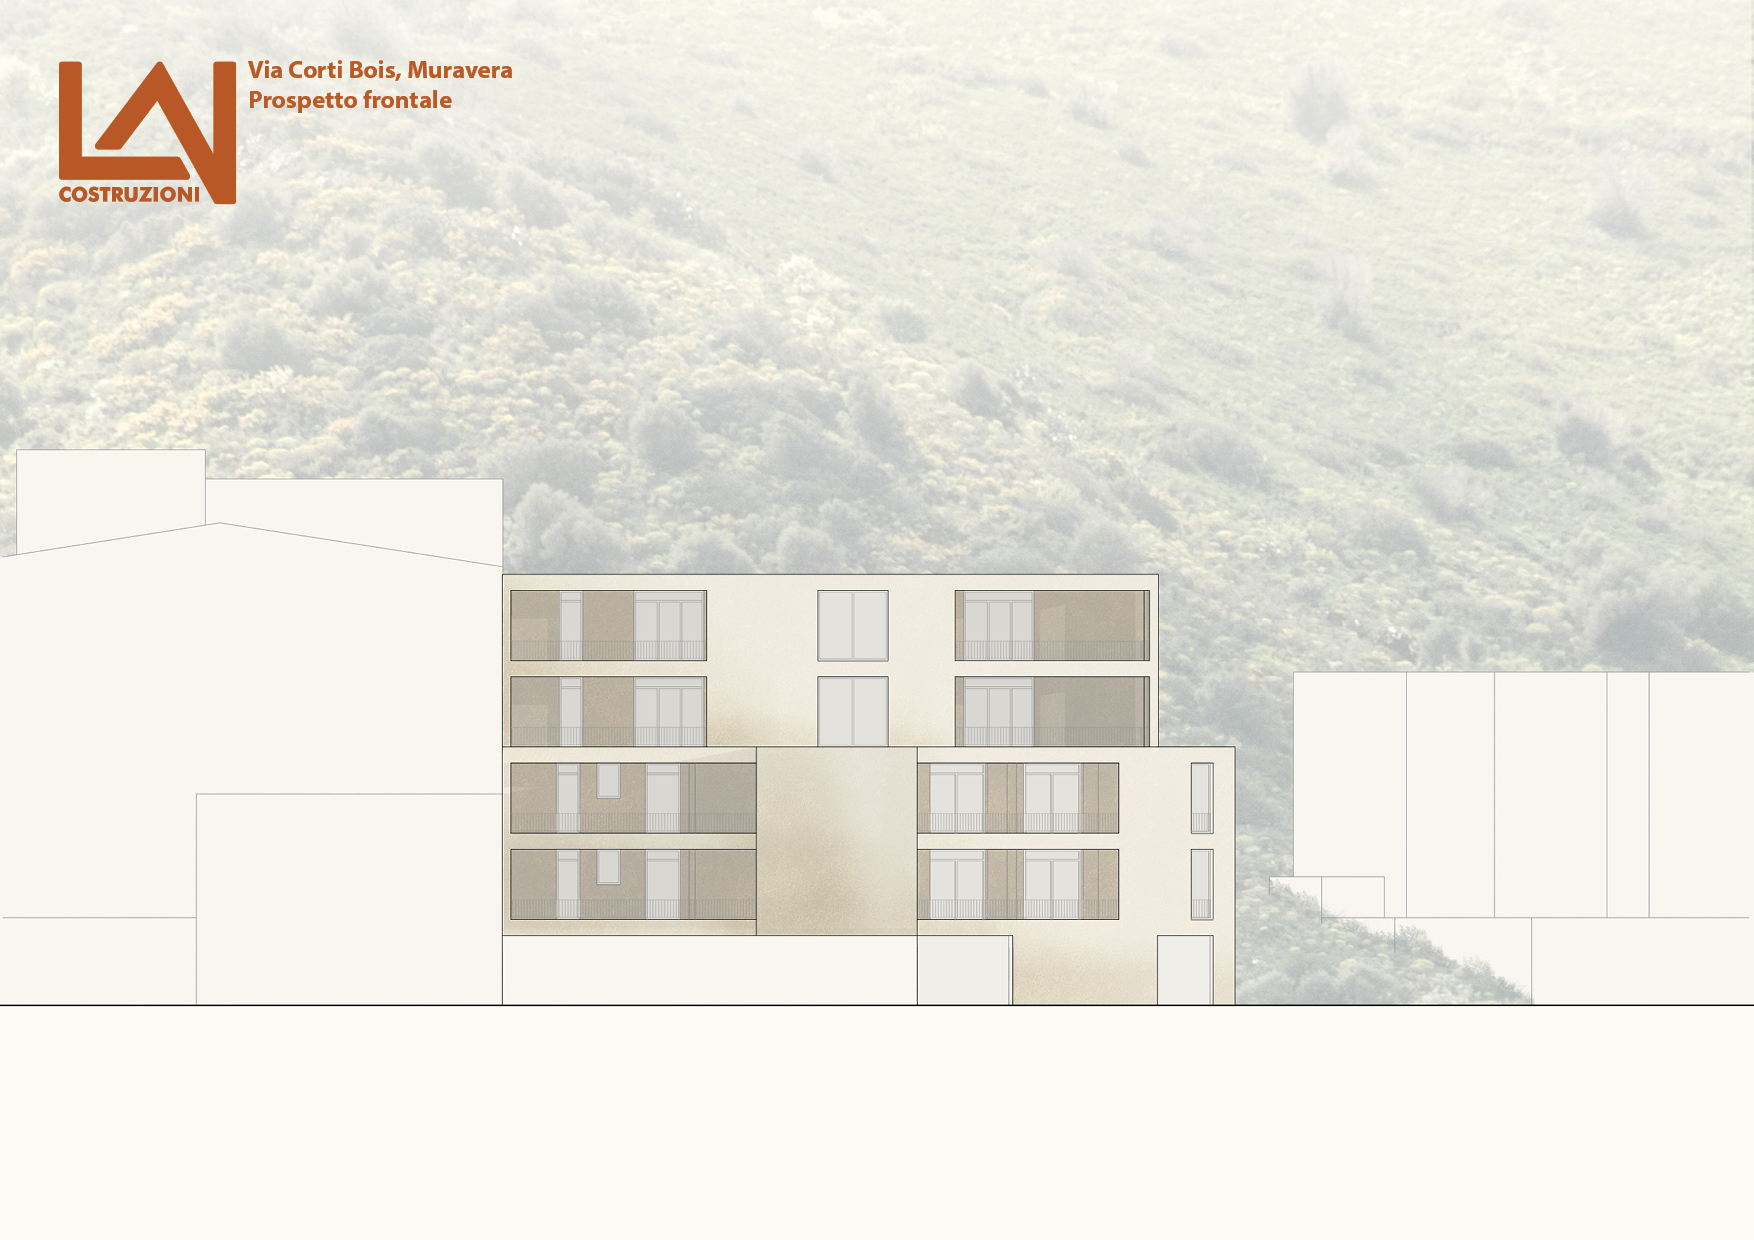 Nuovi appartamenti a Muravera